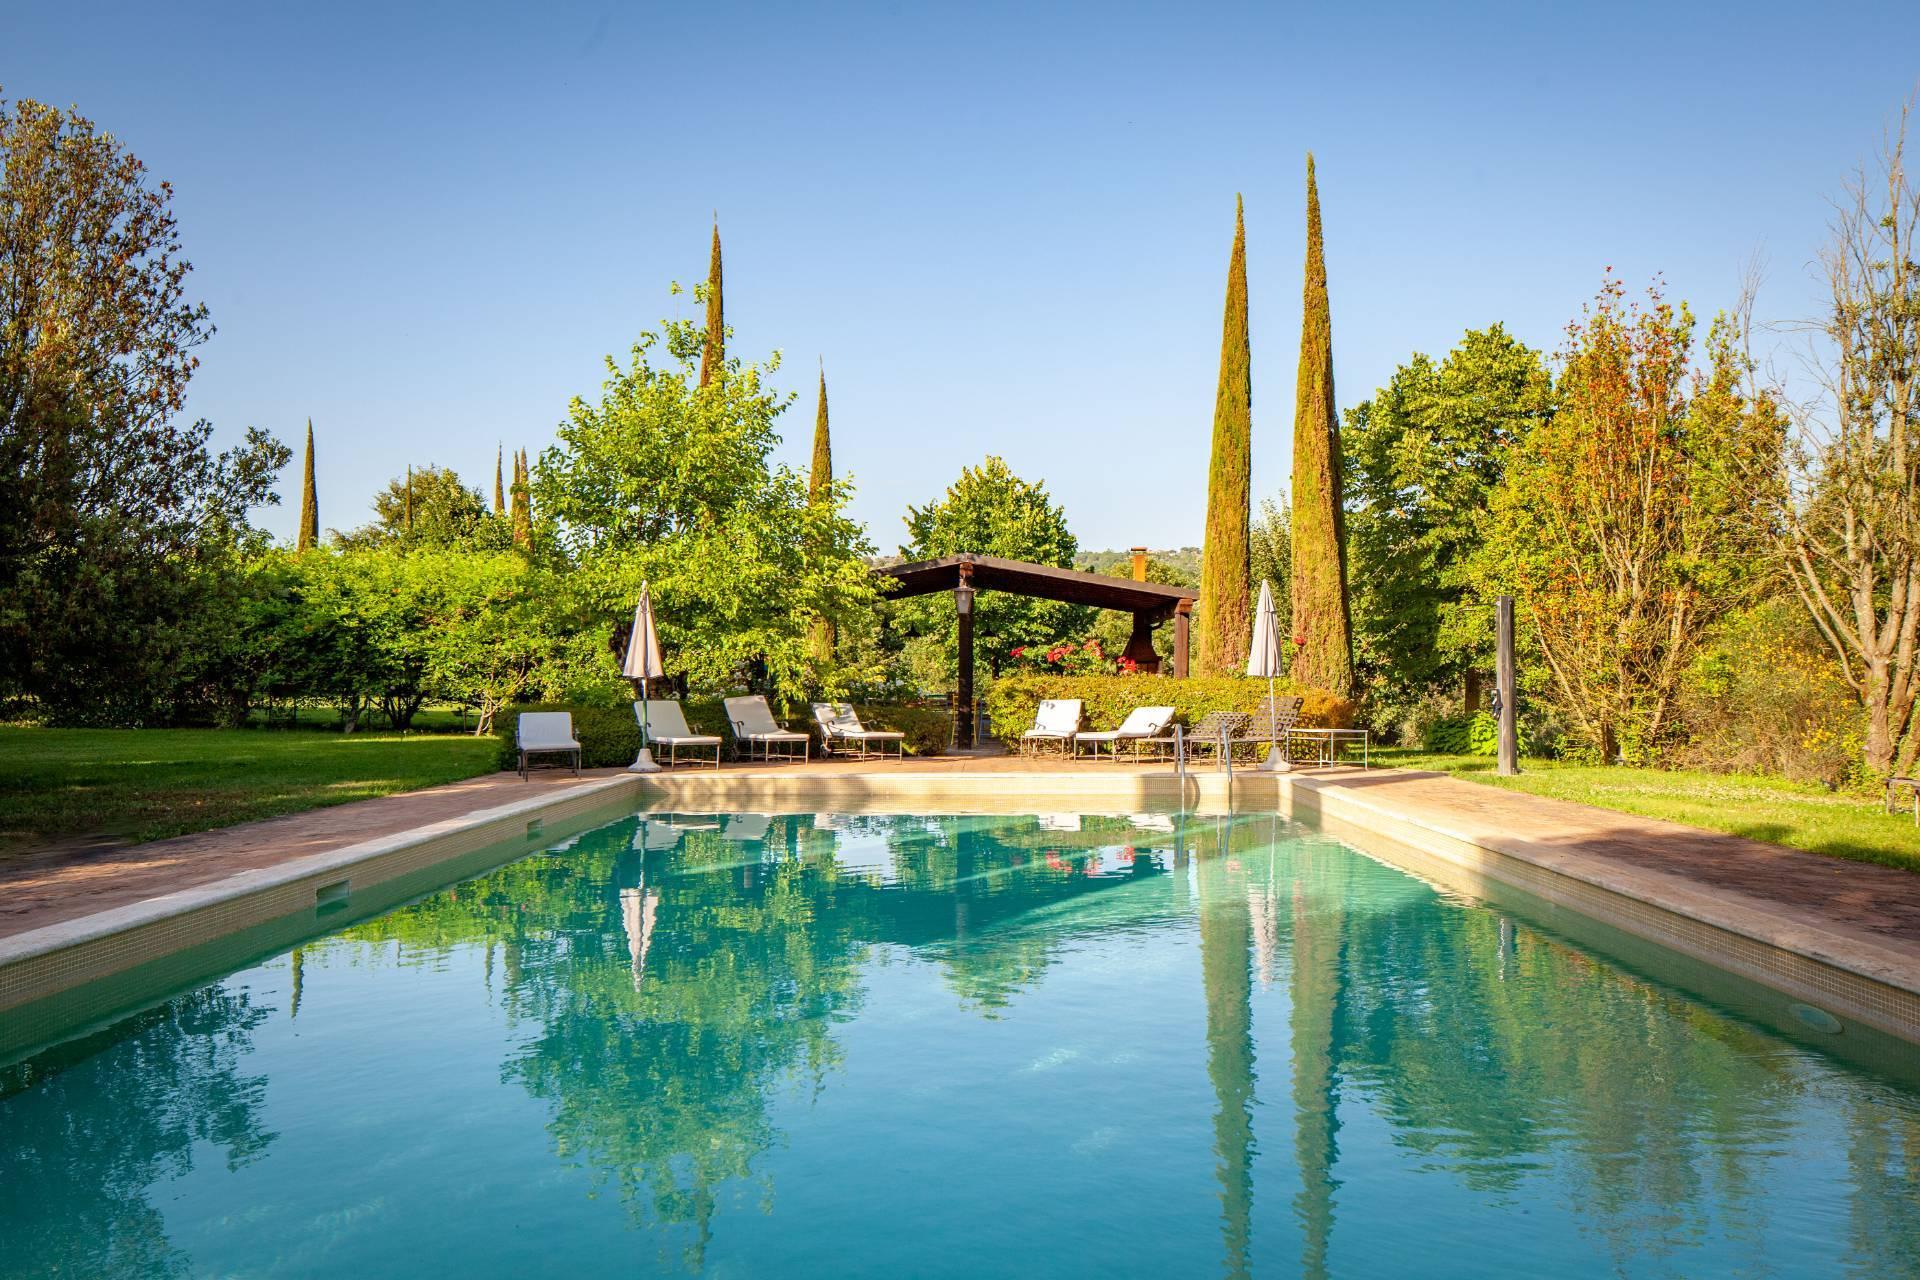 Villa in Vendita a Citta' Della Pieve: 5 locali, 300 mq - Foto 4